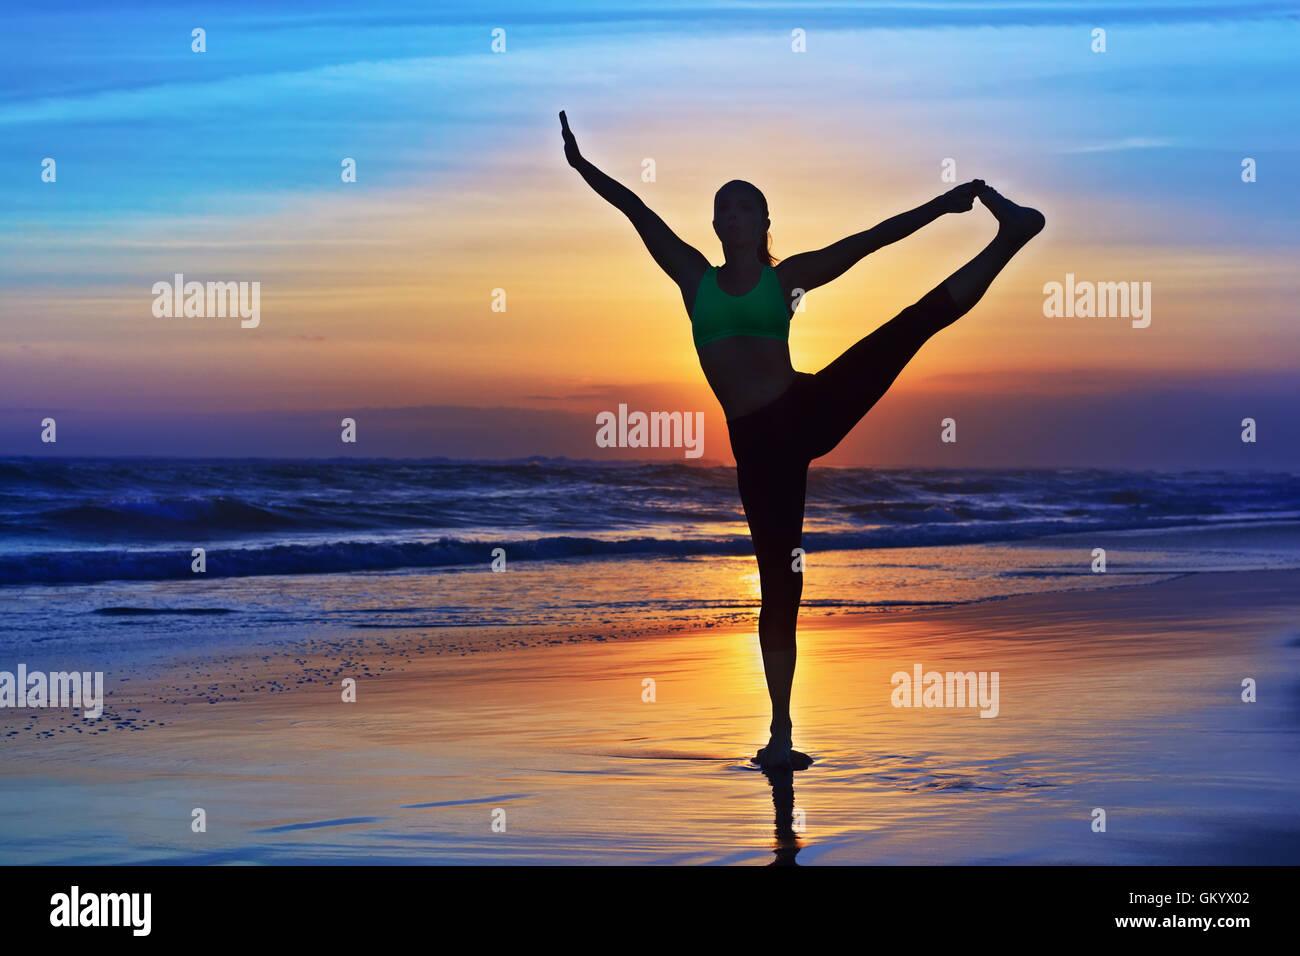 Silueta negra de mujer estiramientos en yoga retreat en Sunset, la playa de arena colorida cielo, Ocean Surf de fondo. Estilo de vida deportiva Foto de stock